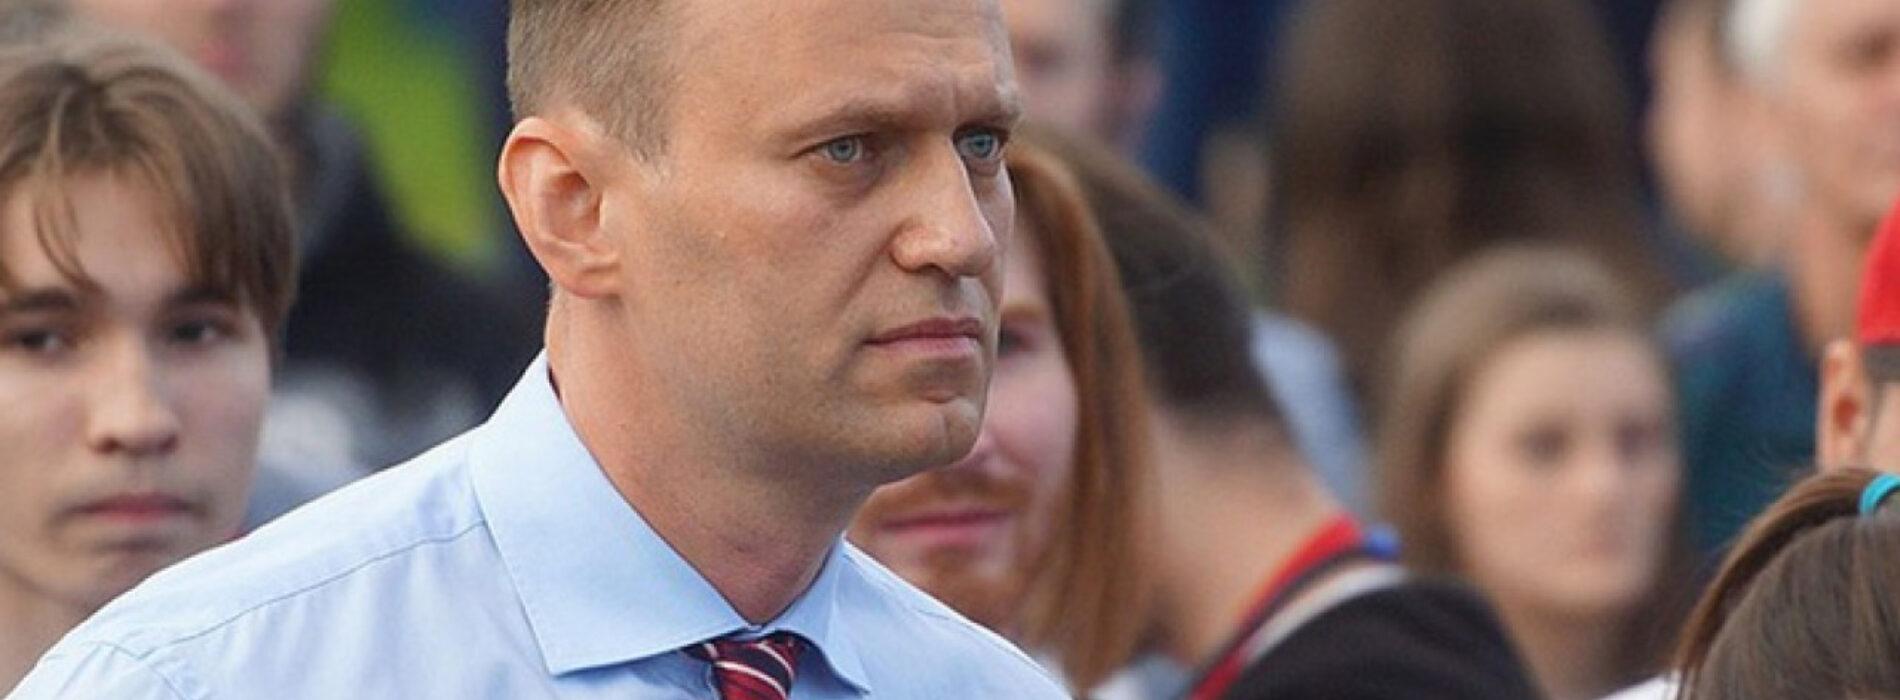 ОЗХО получила анализы Навального